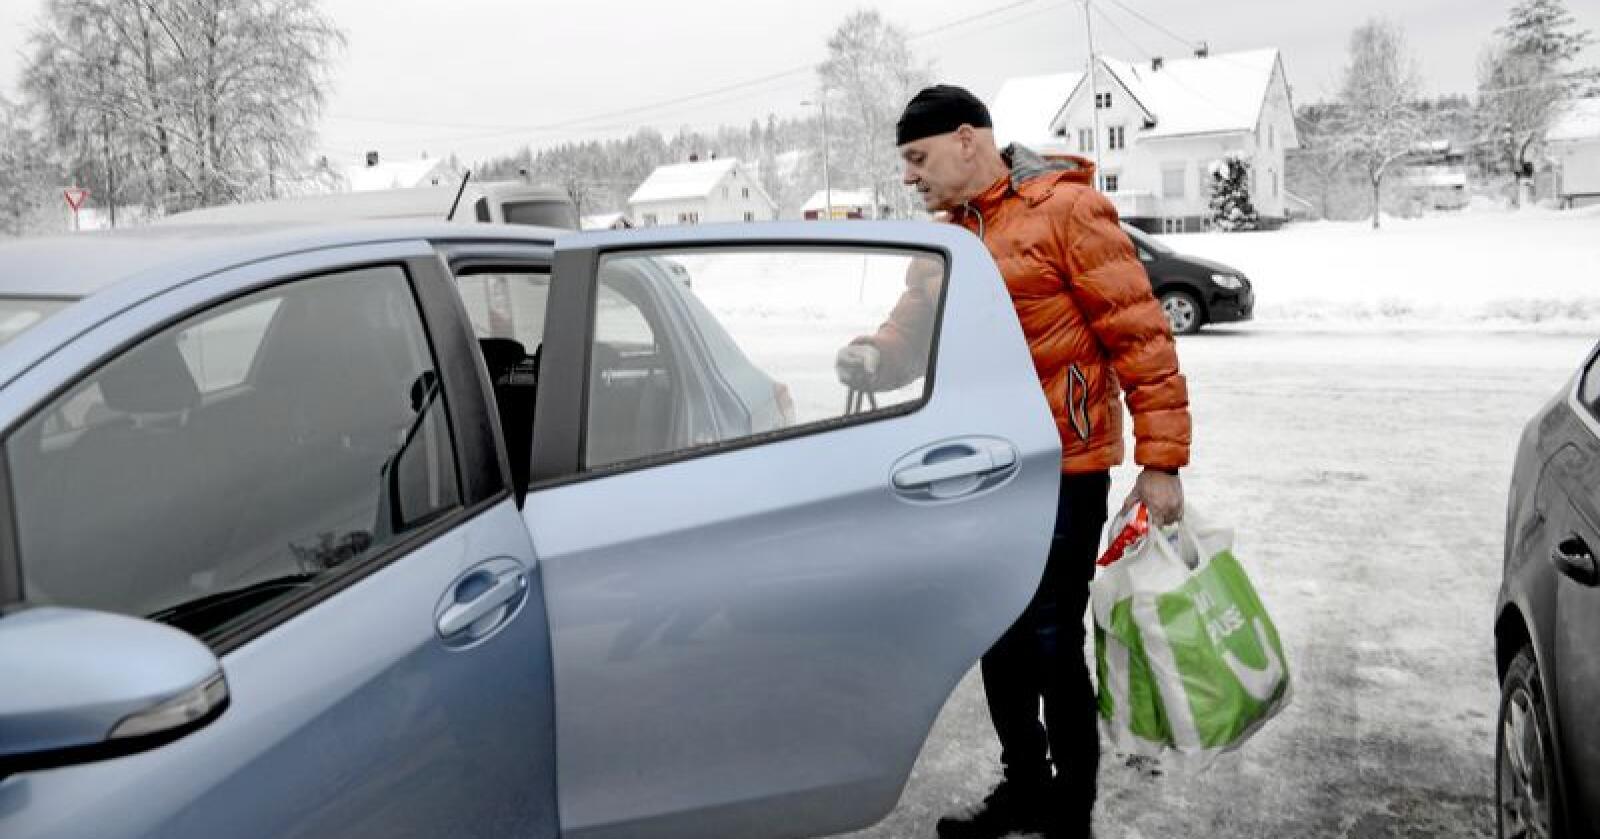 Anders Dalane (63) fra Trøndelag kommer fortsatt til å handle rødt kjøtt i 2019. Foto: Mariann Tvete.